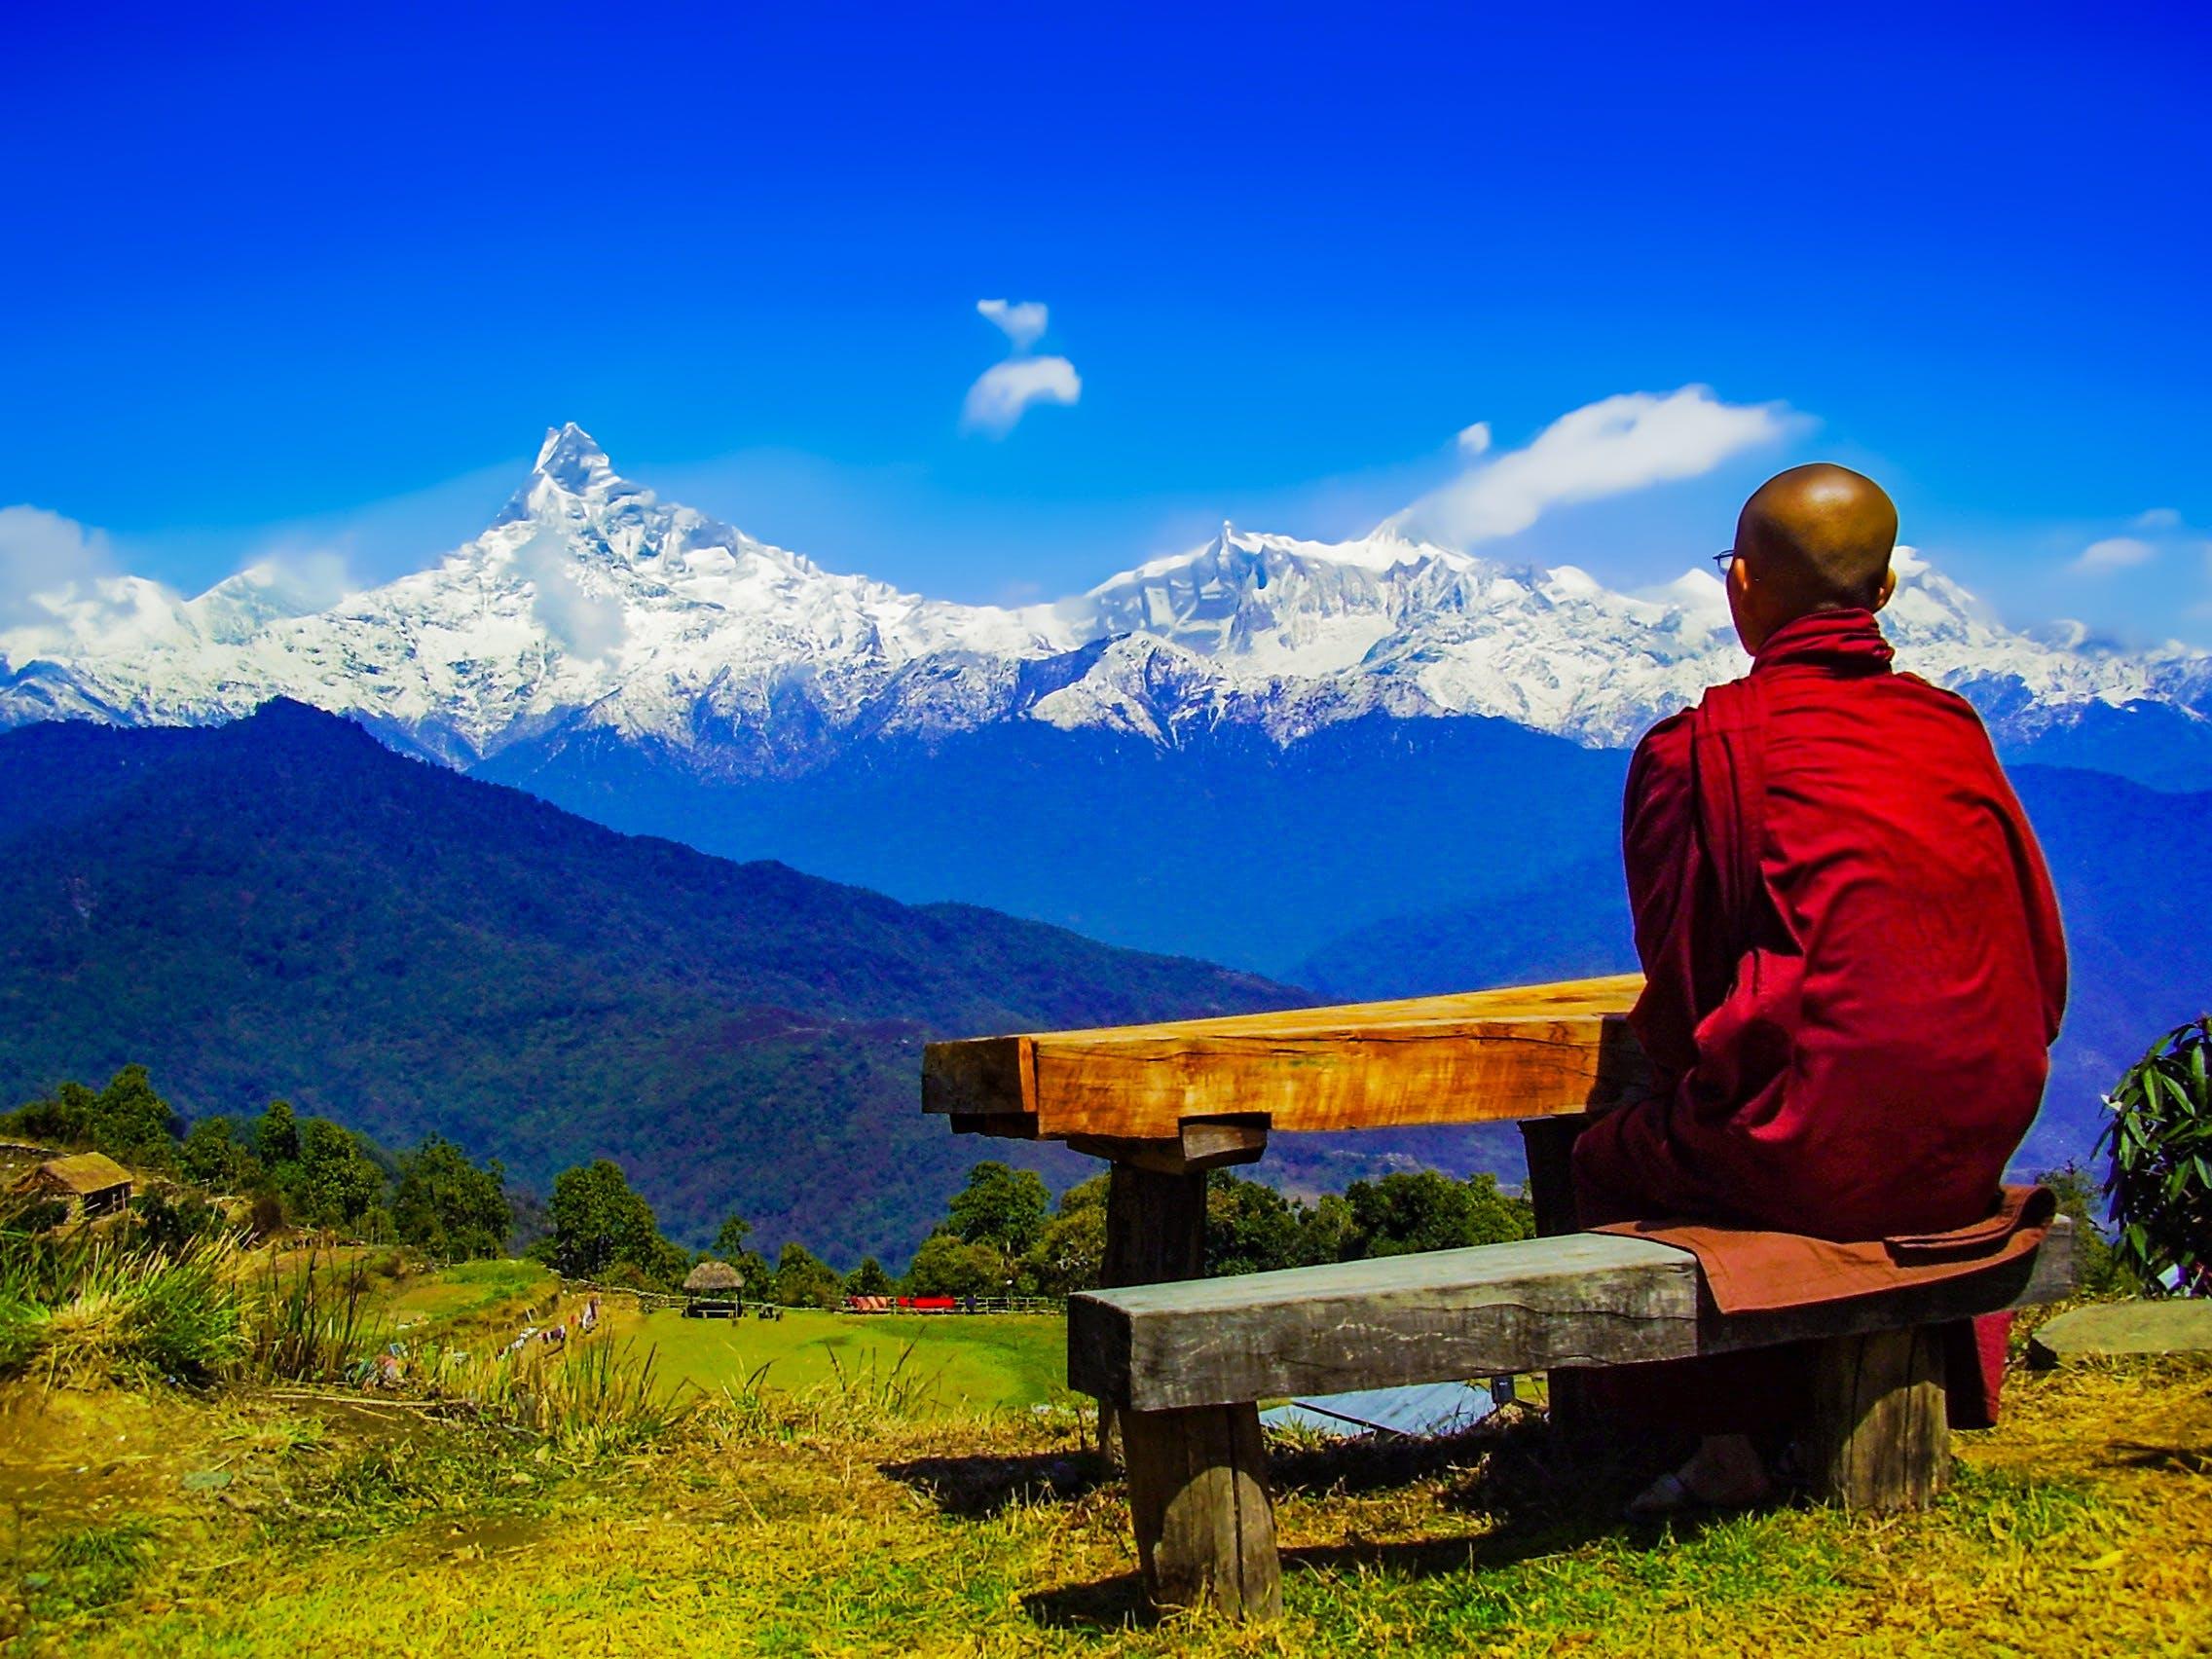 Kostenloses Stock Foto zu aussicht, bäume, berge, blauer himmel